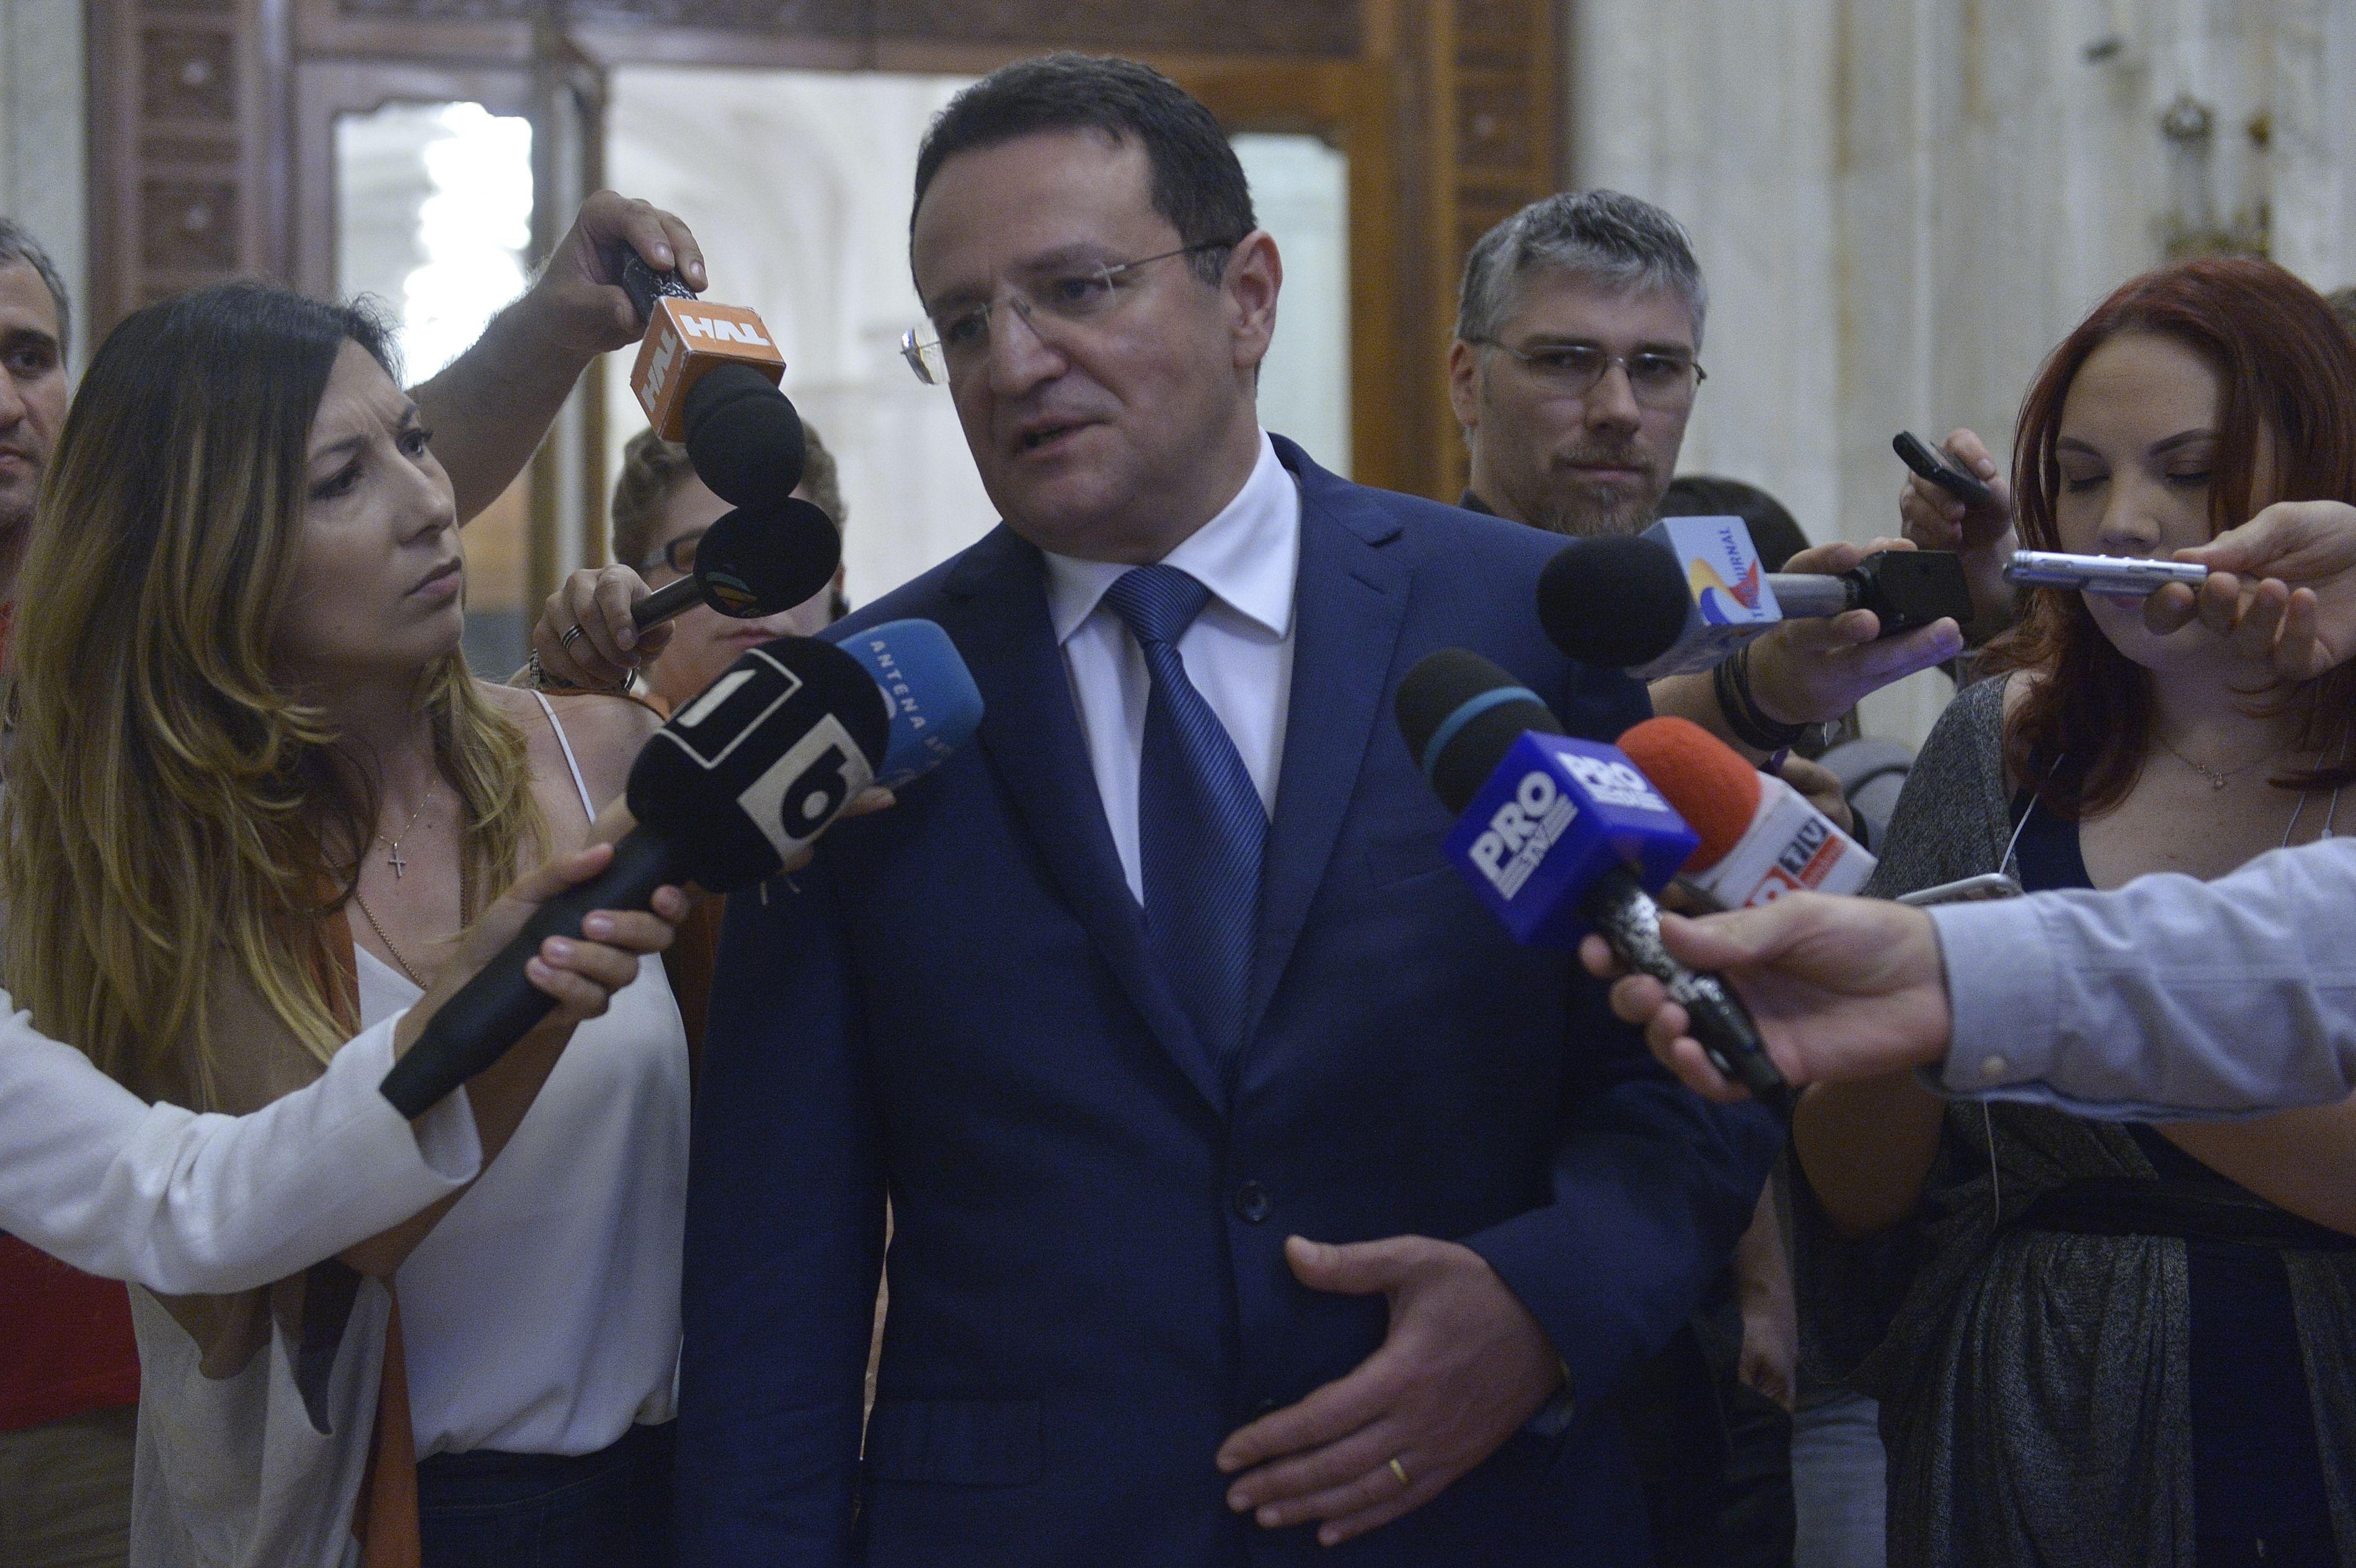 Puteri sporite, solicitate pentru anchetele din Parlament: Martorii chemaţi să fie obligaţi să depună jurământ